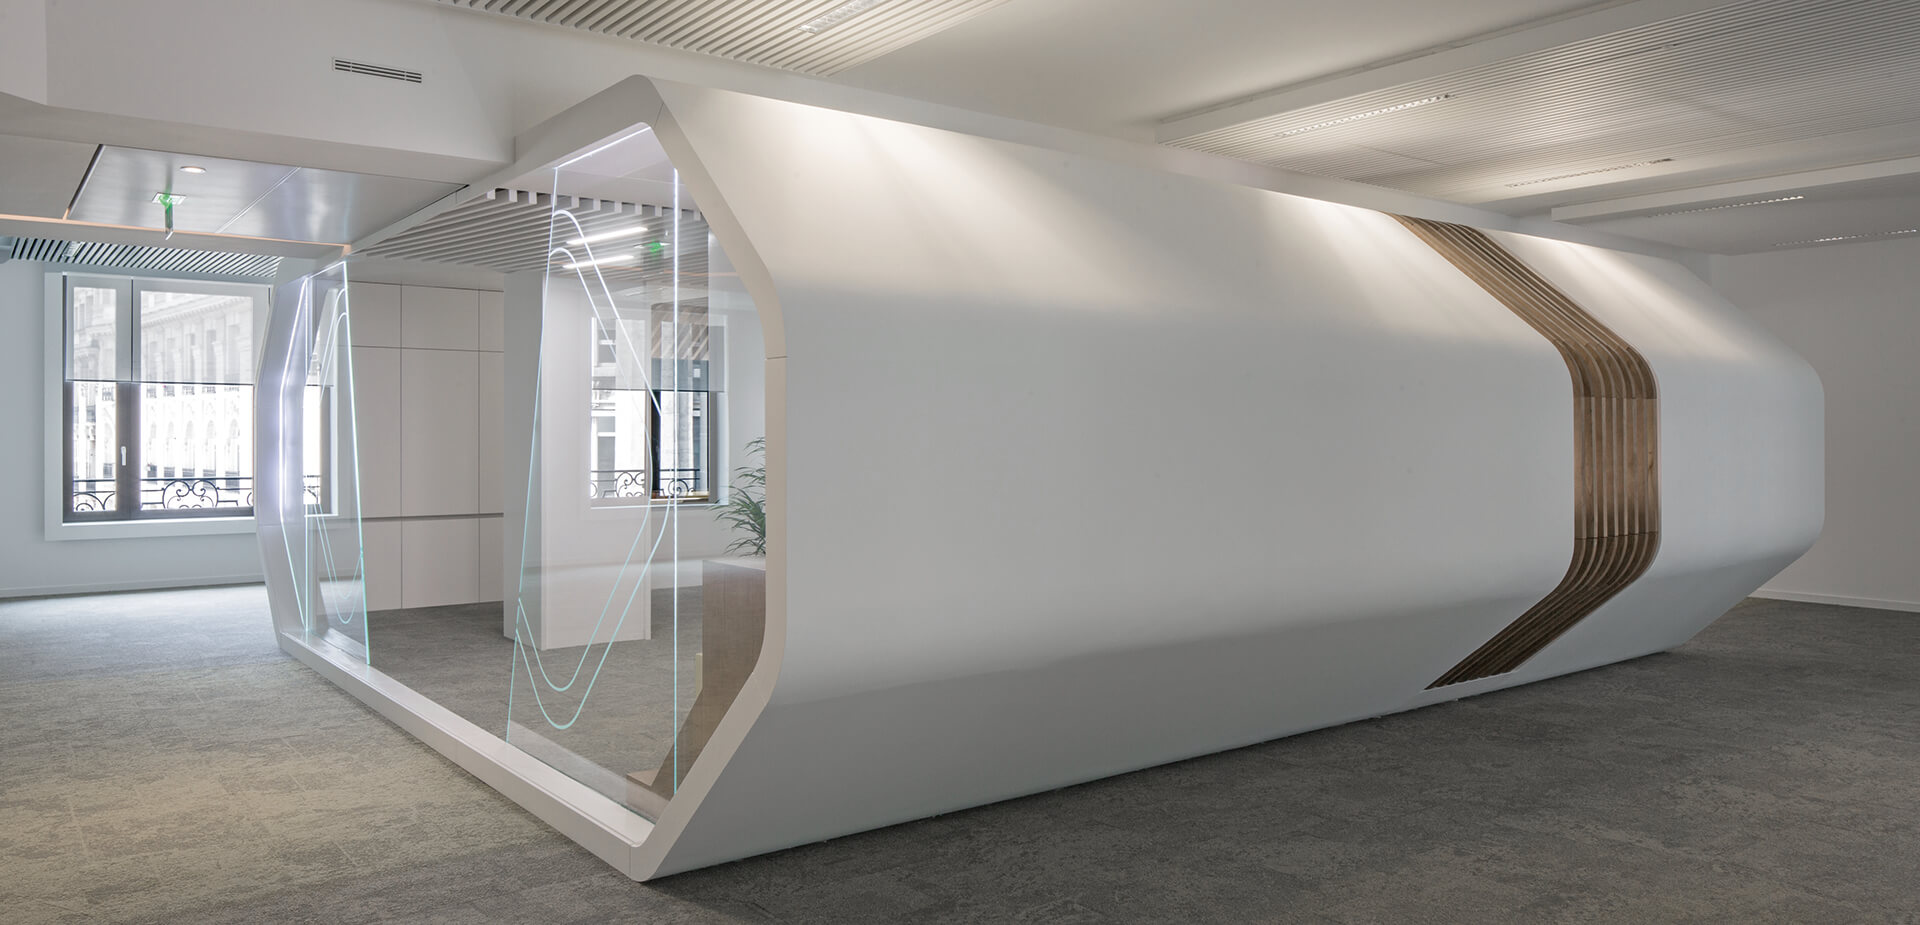 Espaço imobiliario - projeto de arquitetura